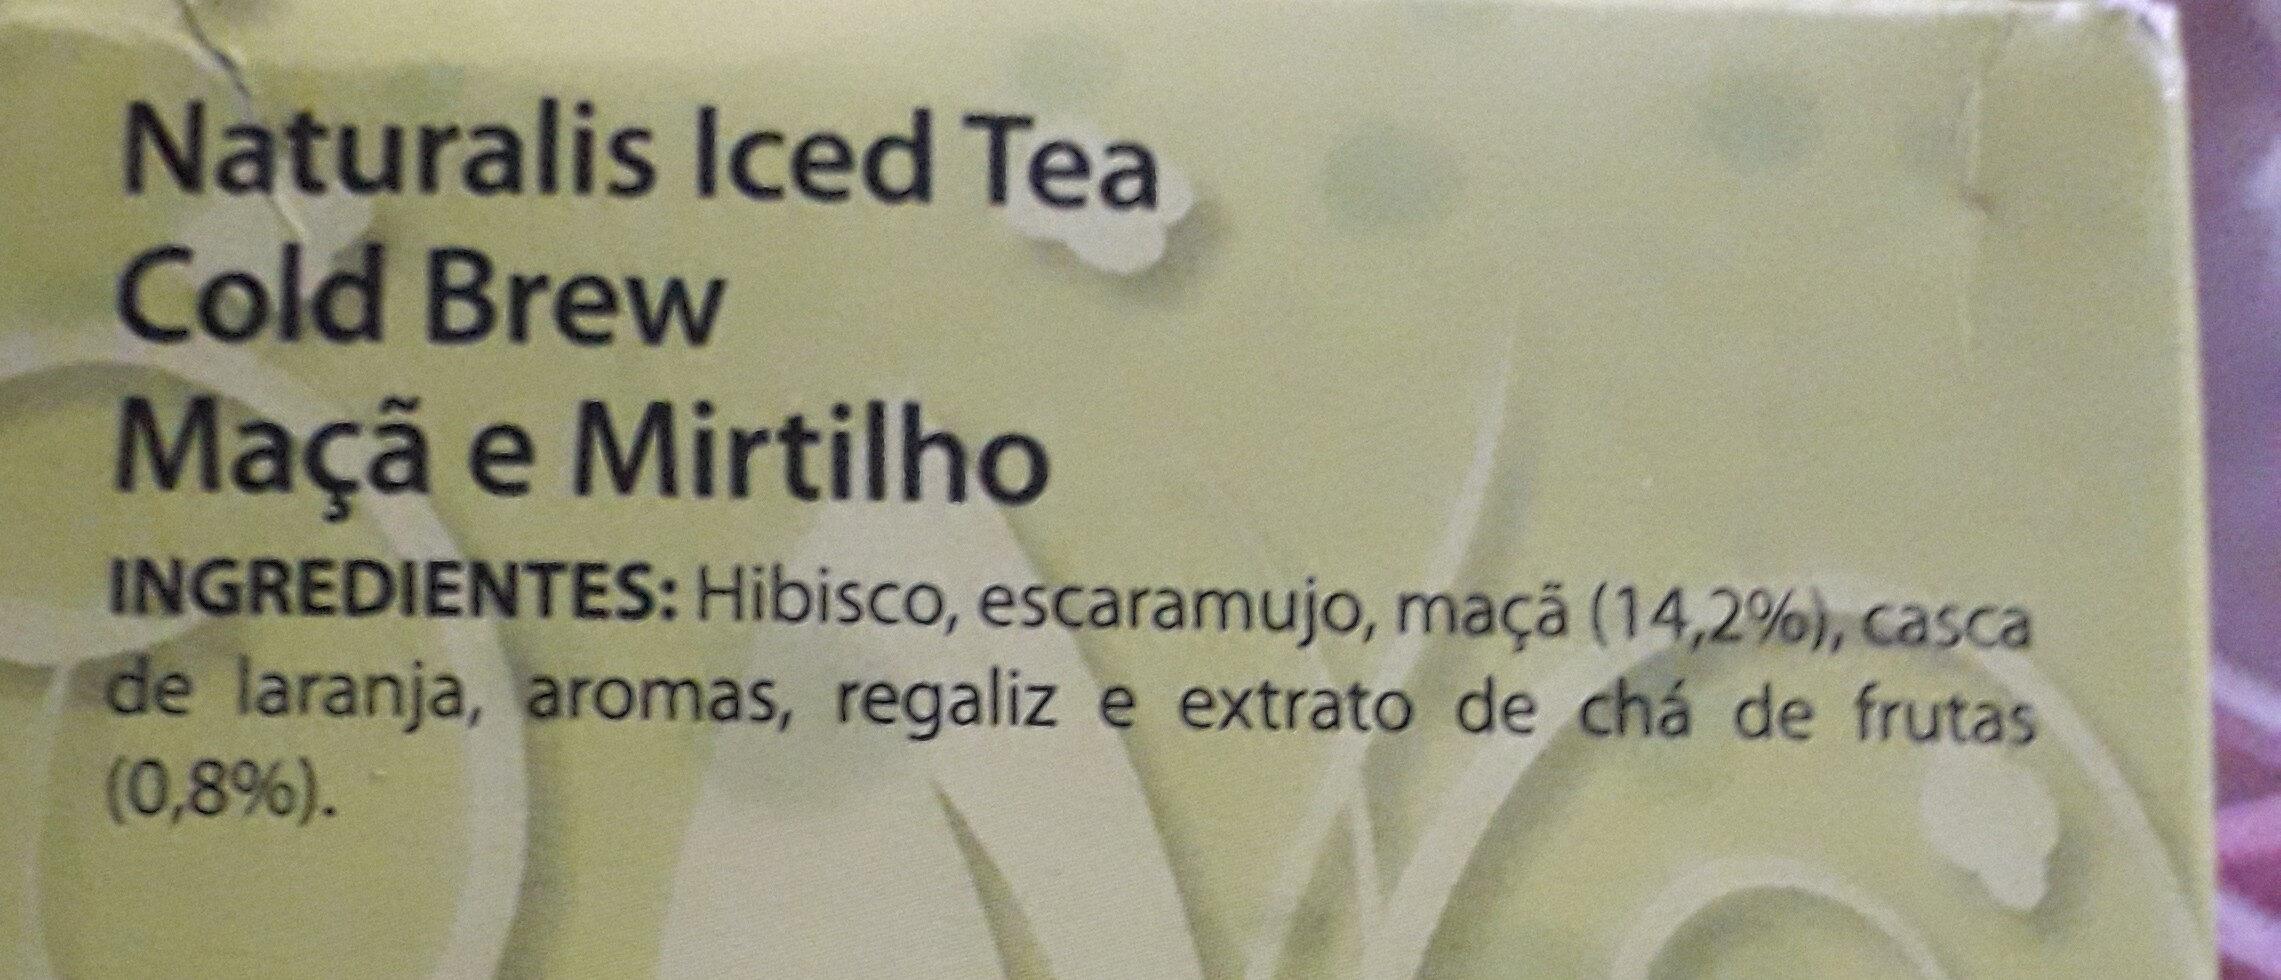 iced tea - Ingredients - fr